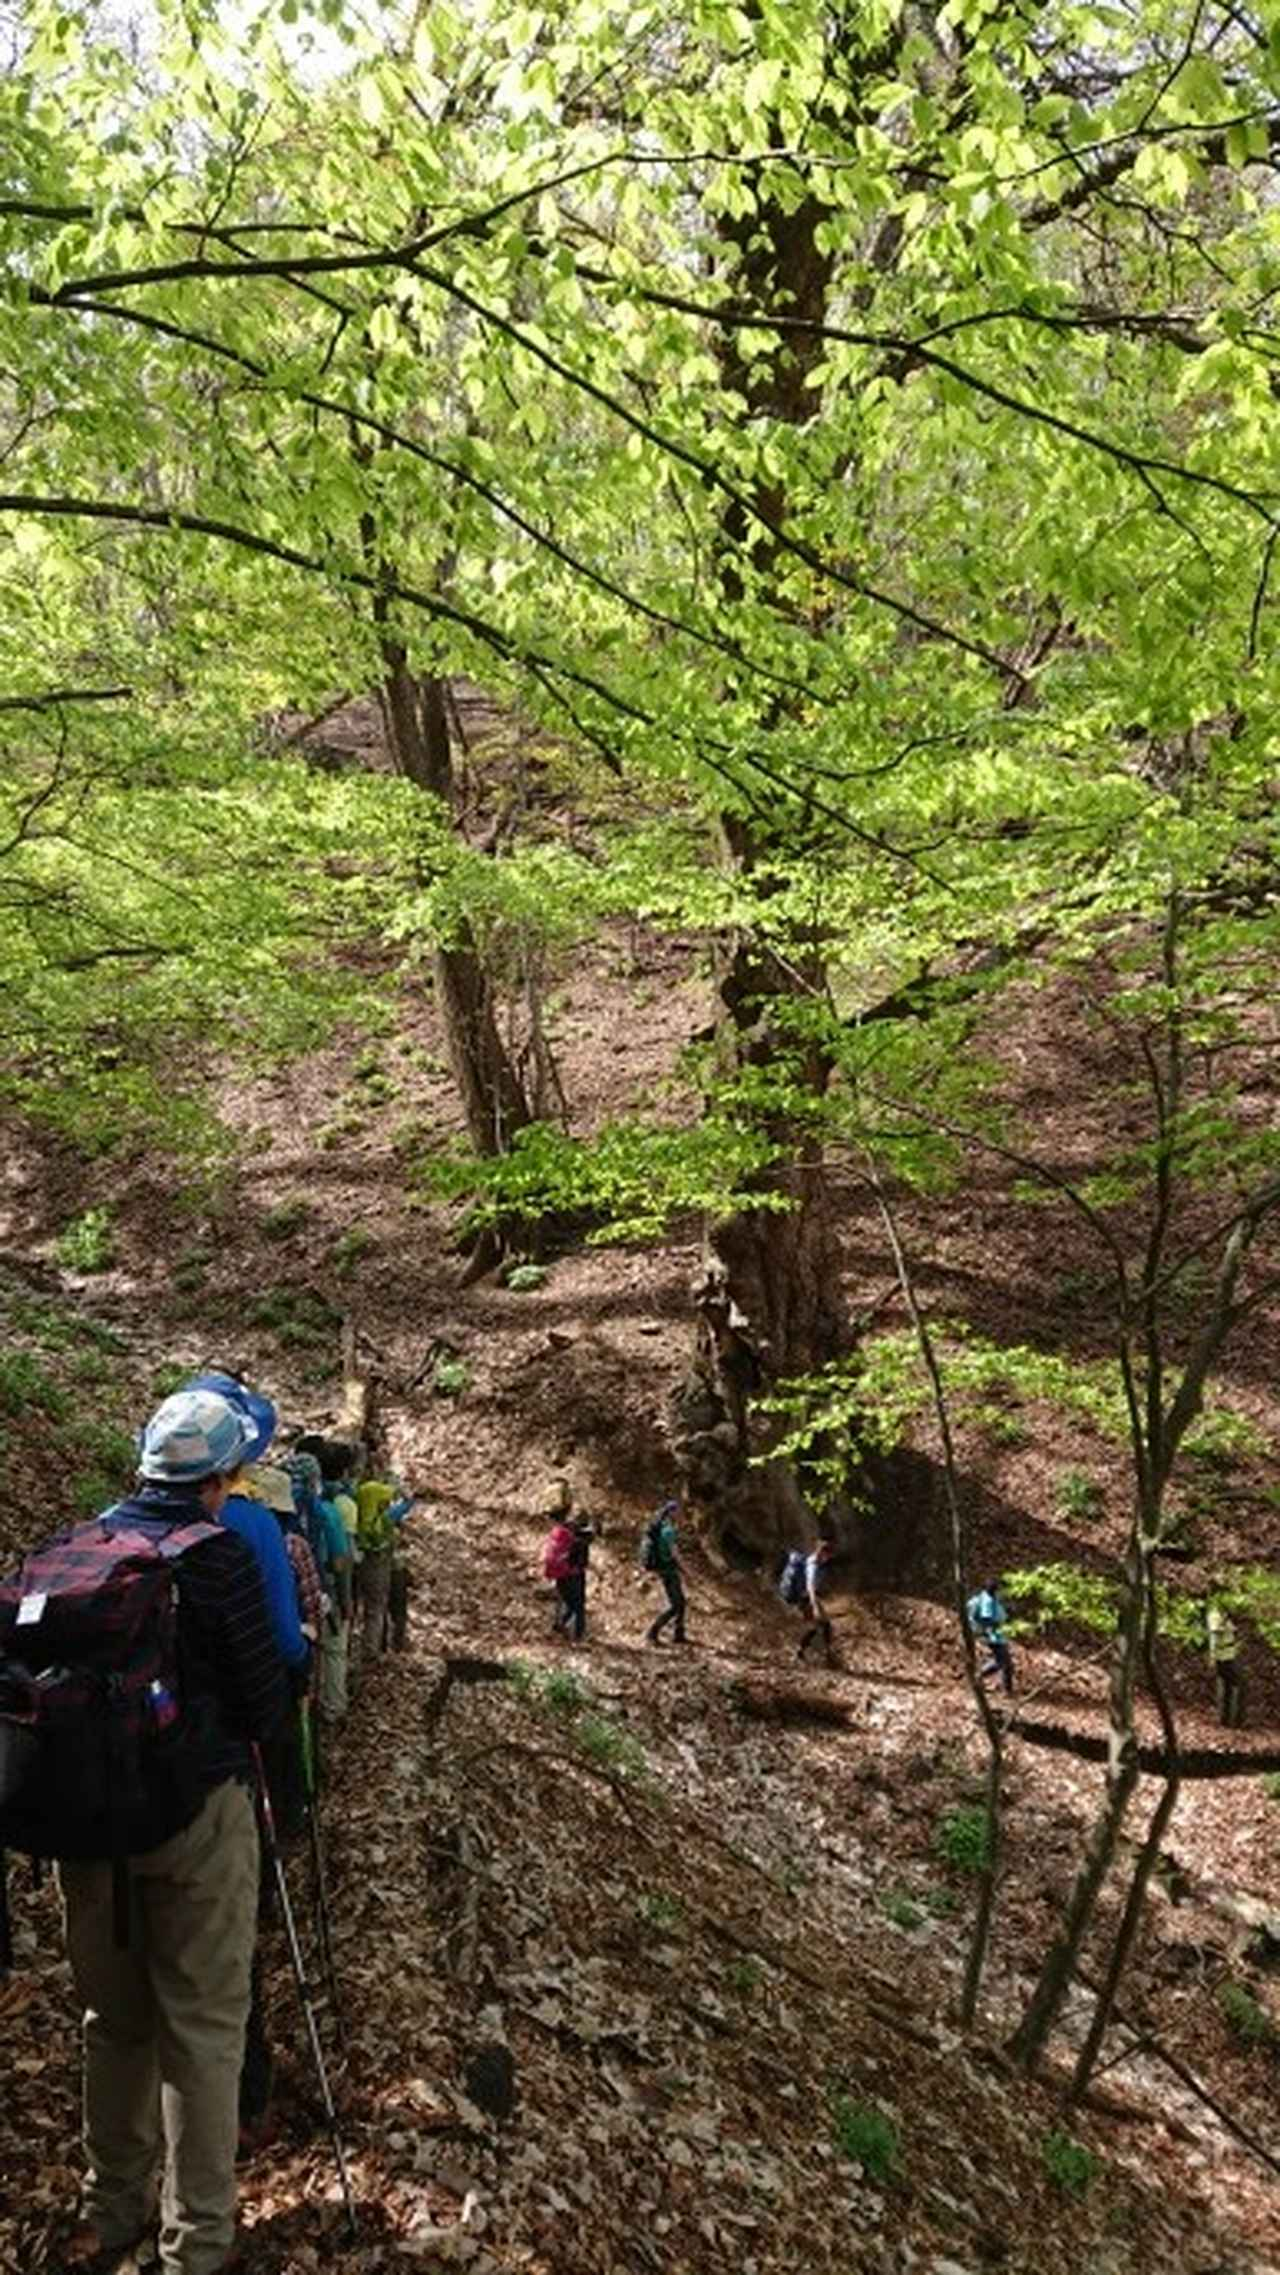 画像10: 宮下ガイドの秀麗富岳十二景シリーズ第9回目! 奈良倉山 へ行って来ました♪